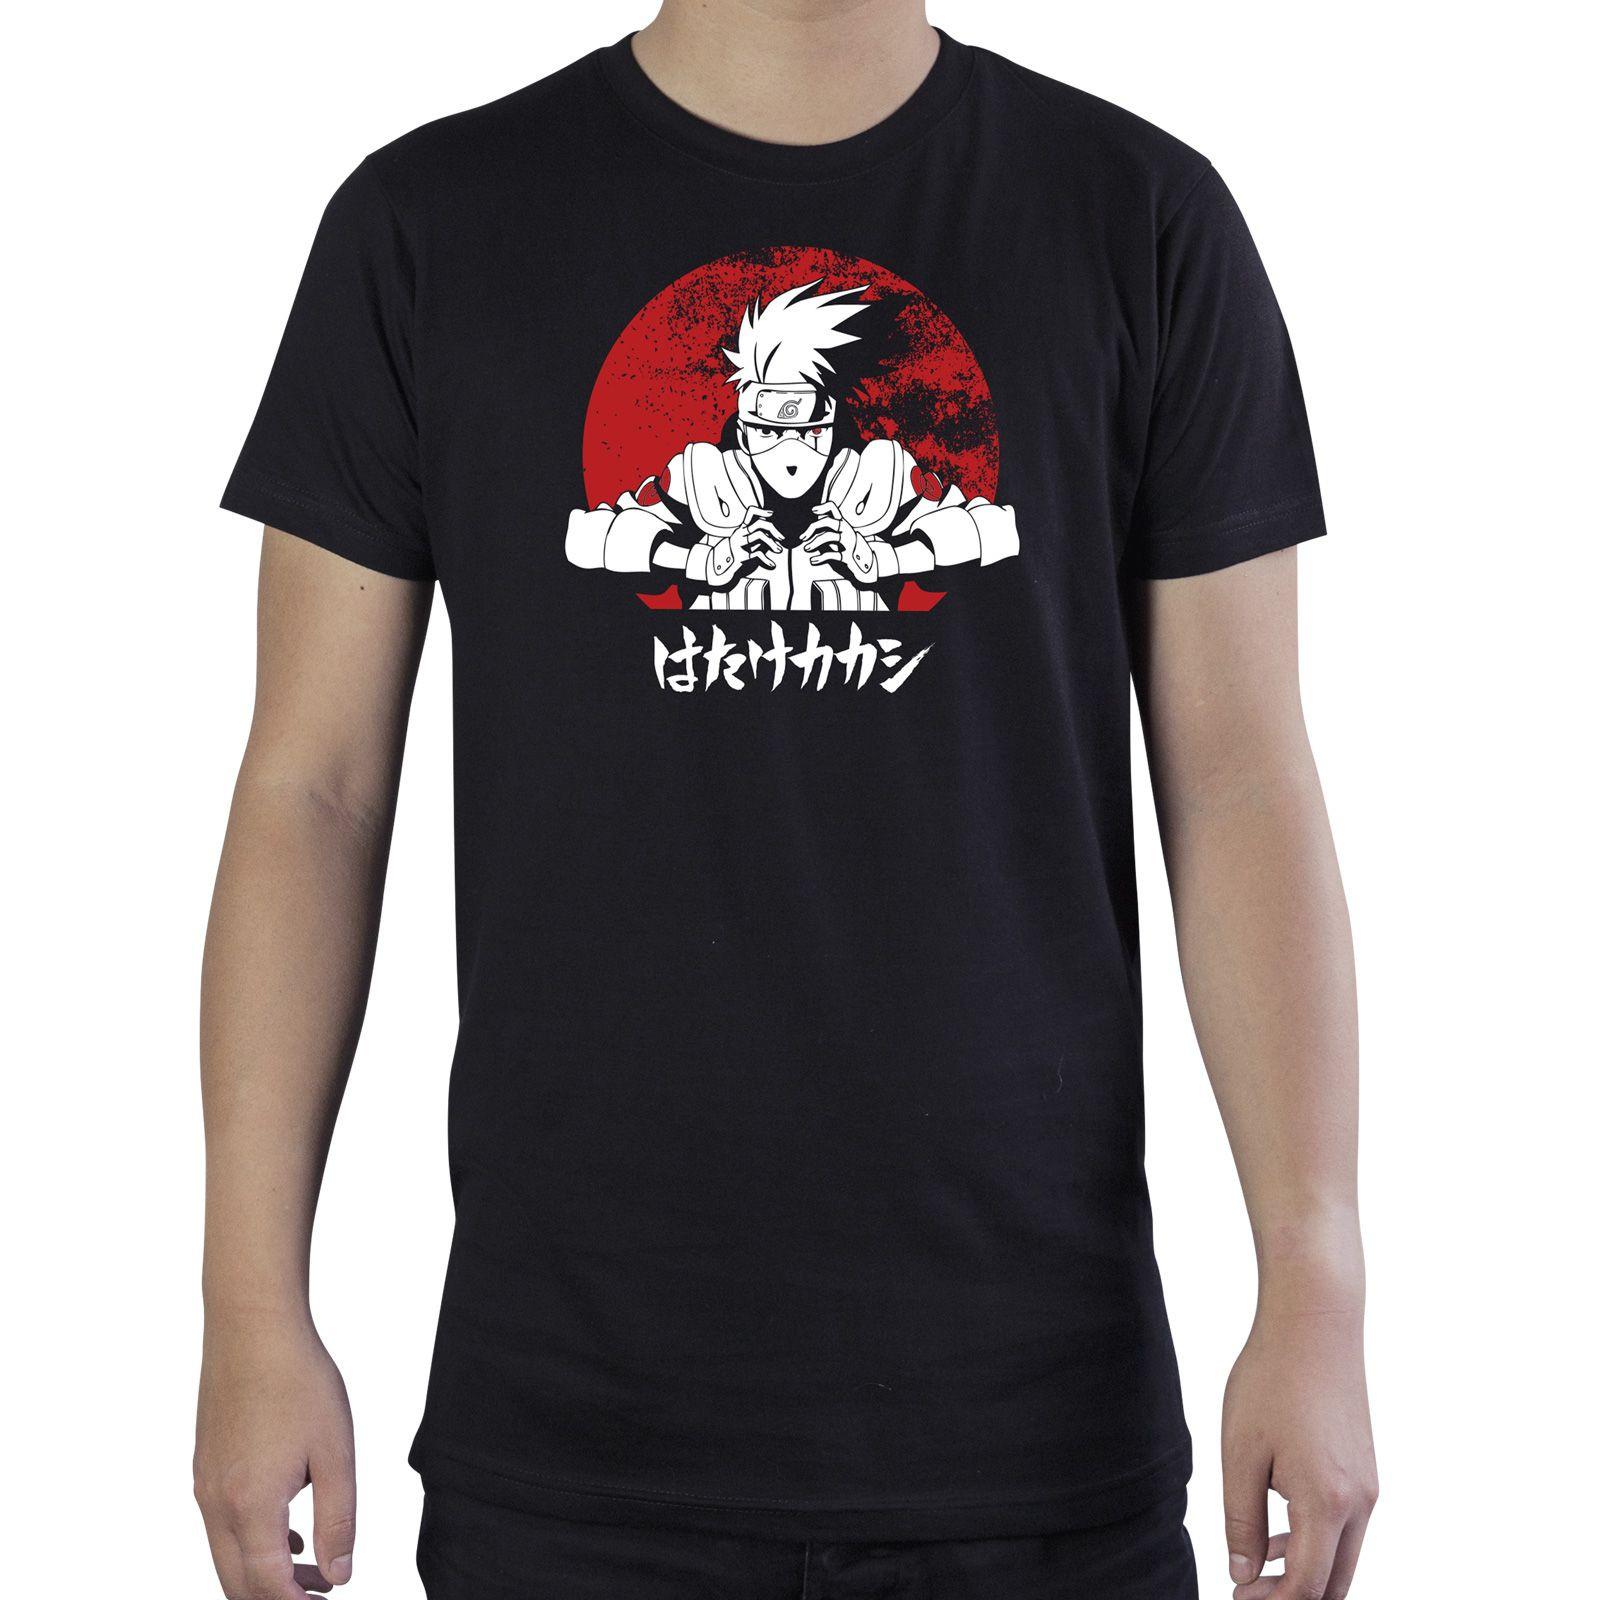 Naruto Shippuden - Kakashi - T-Shirt